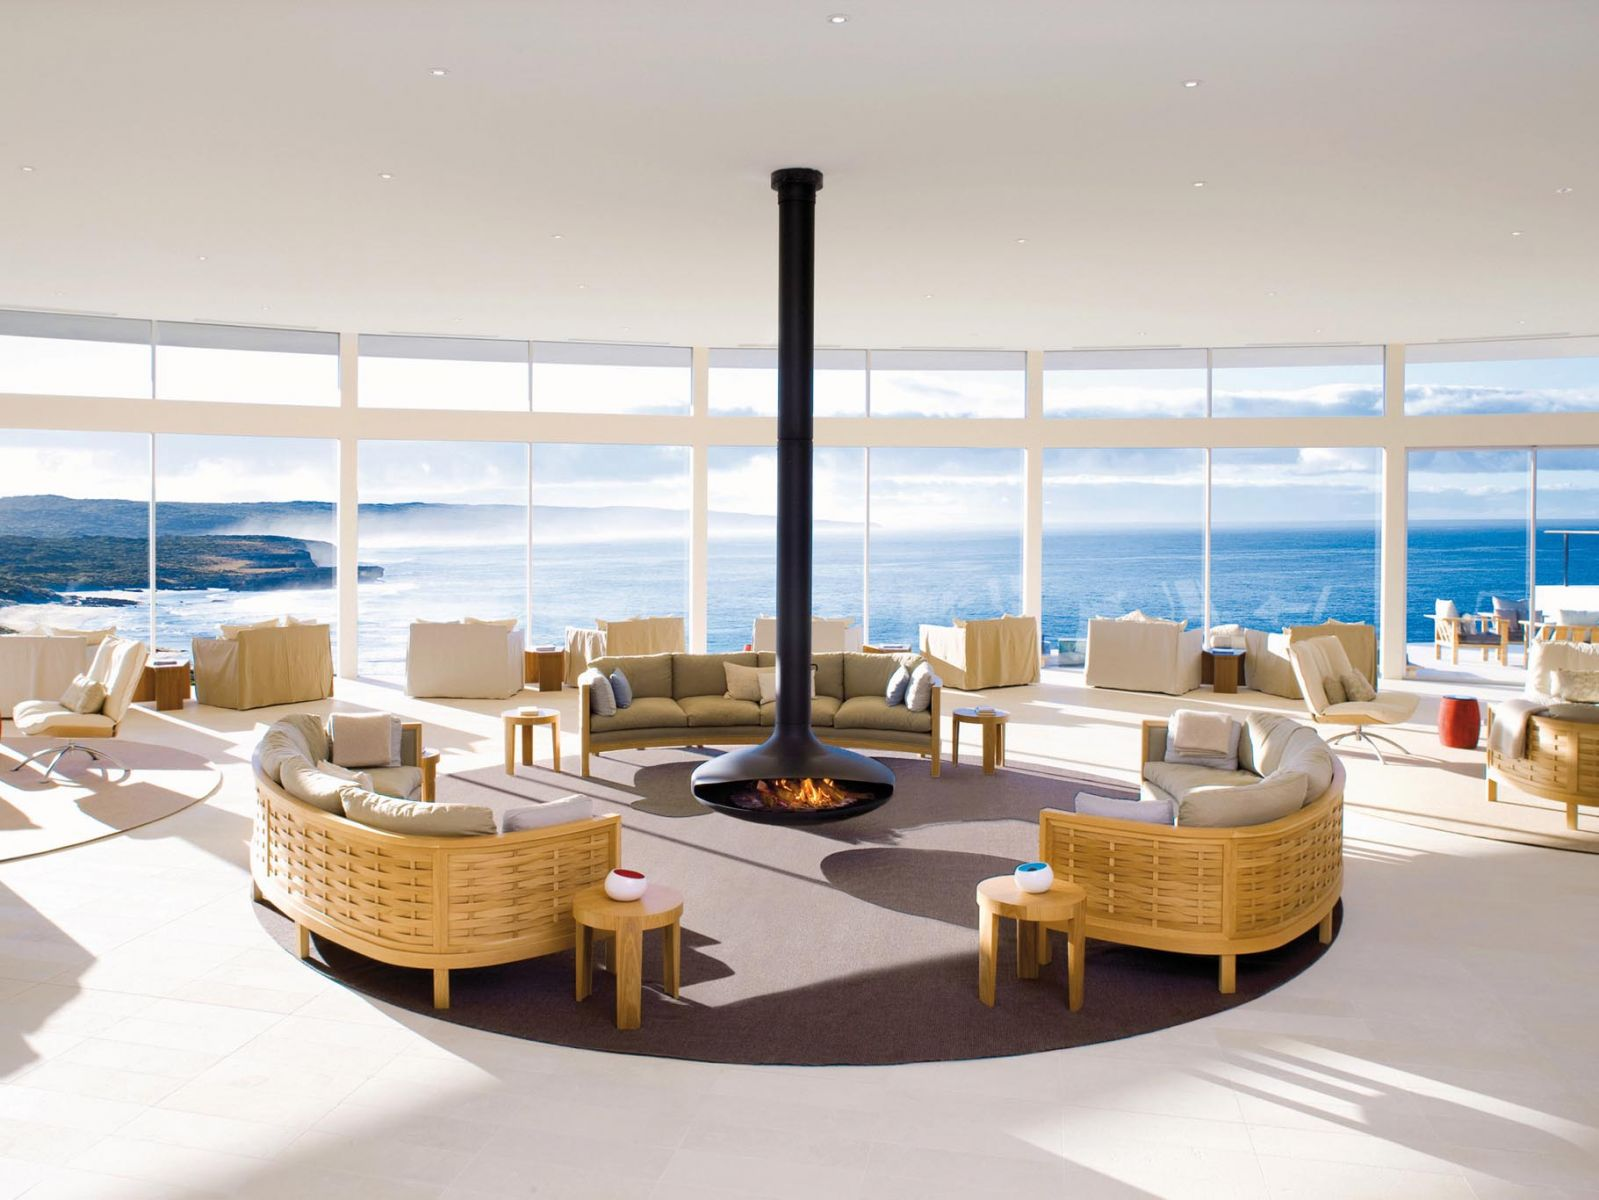 belles chemin es design lyon en rhone alpes chemin e installateurs et vendeurs marseille. Black Bedroom Furniture Sets. Home Design Ideas